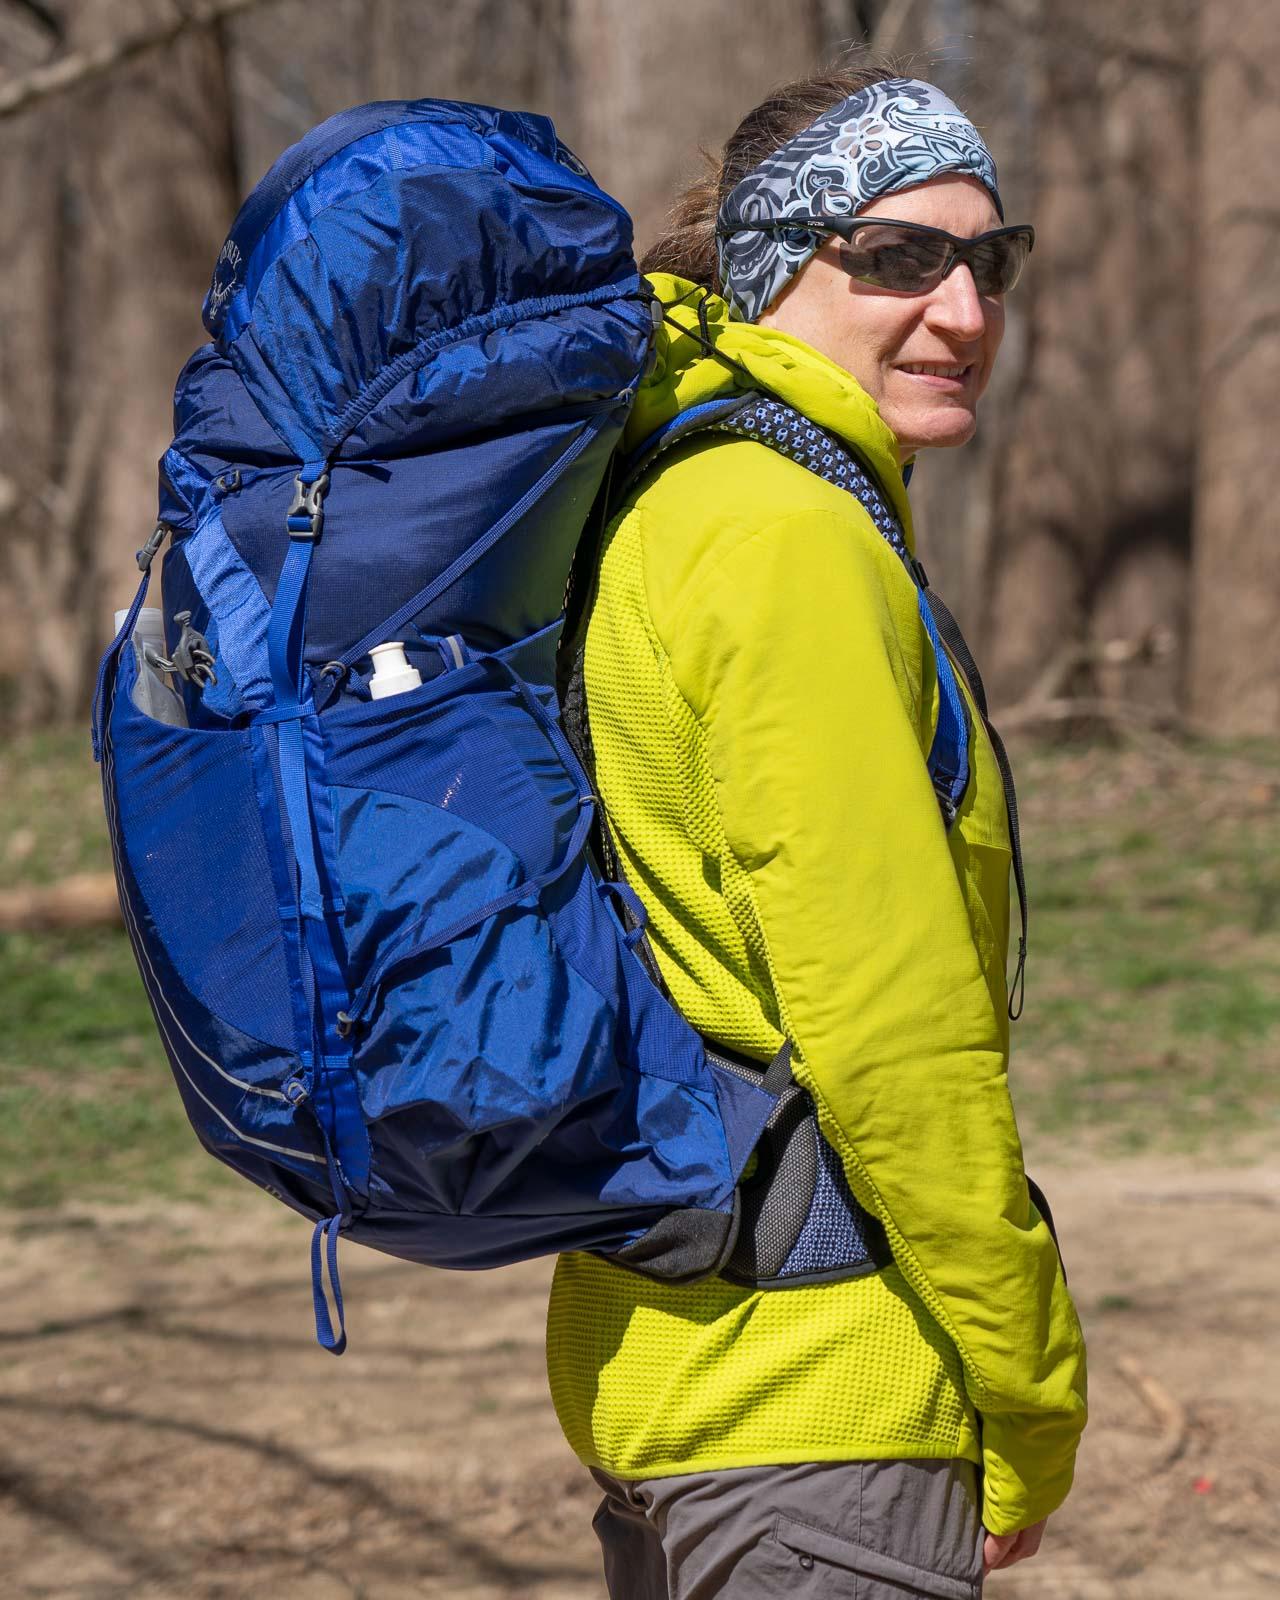 OSPREY EXOS 58 (Men's) & EJA 58 (Women's) Backpacks